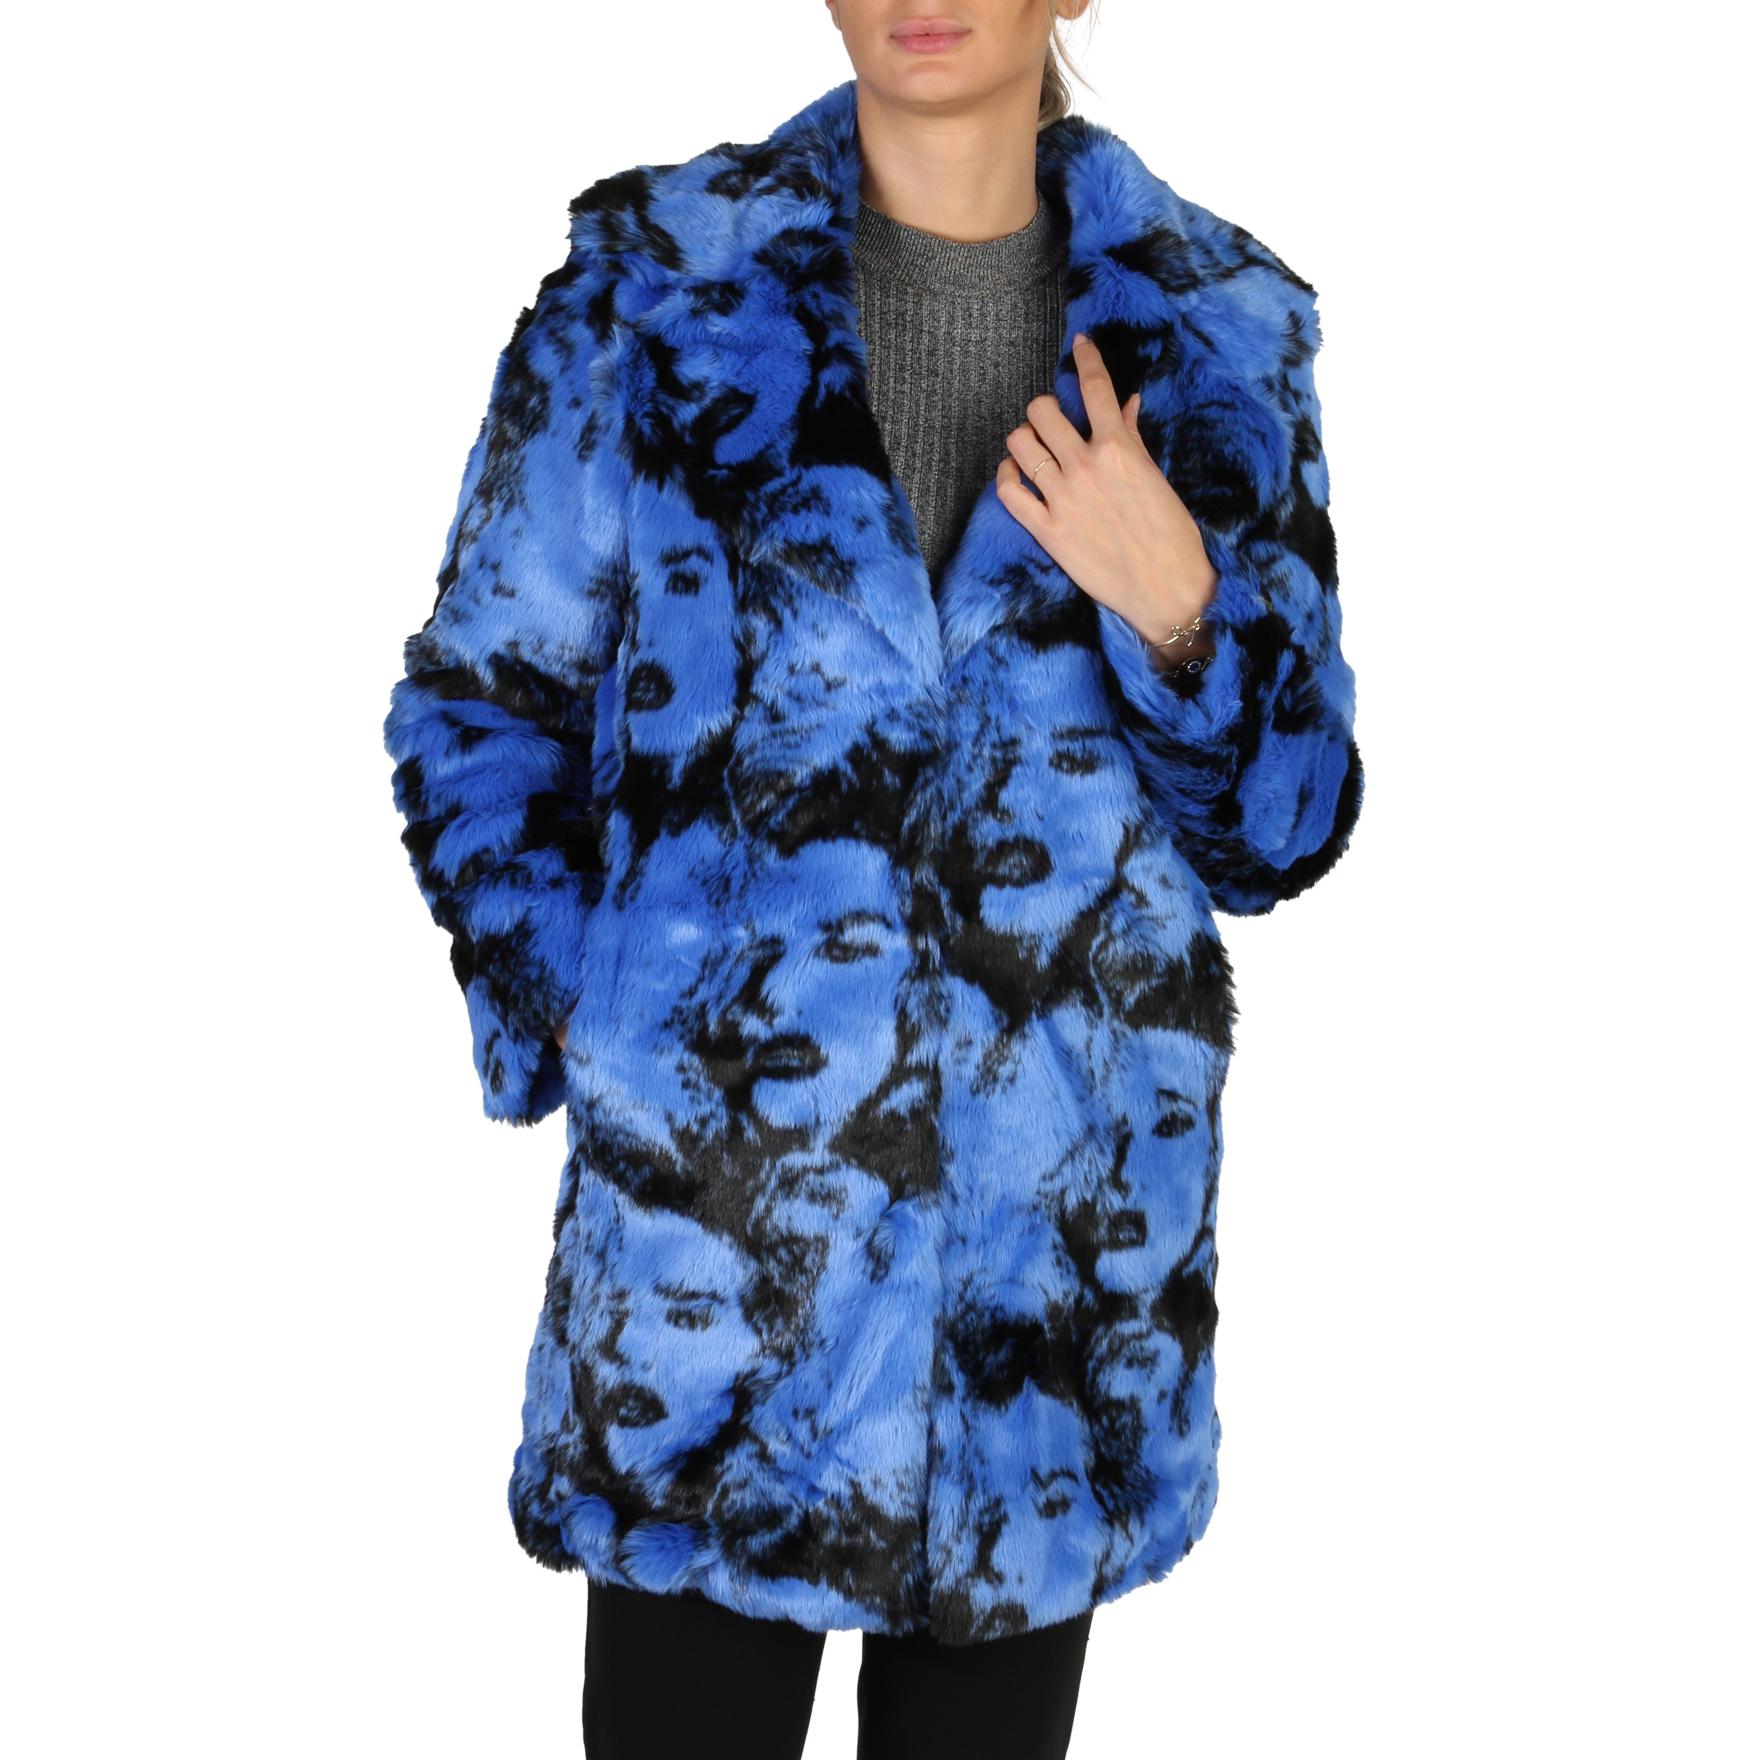 Manteau Fausse Fourrure Bleu FACE GUESS